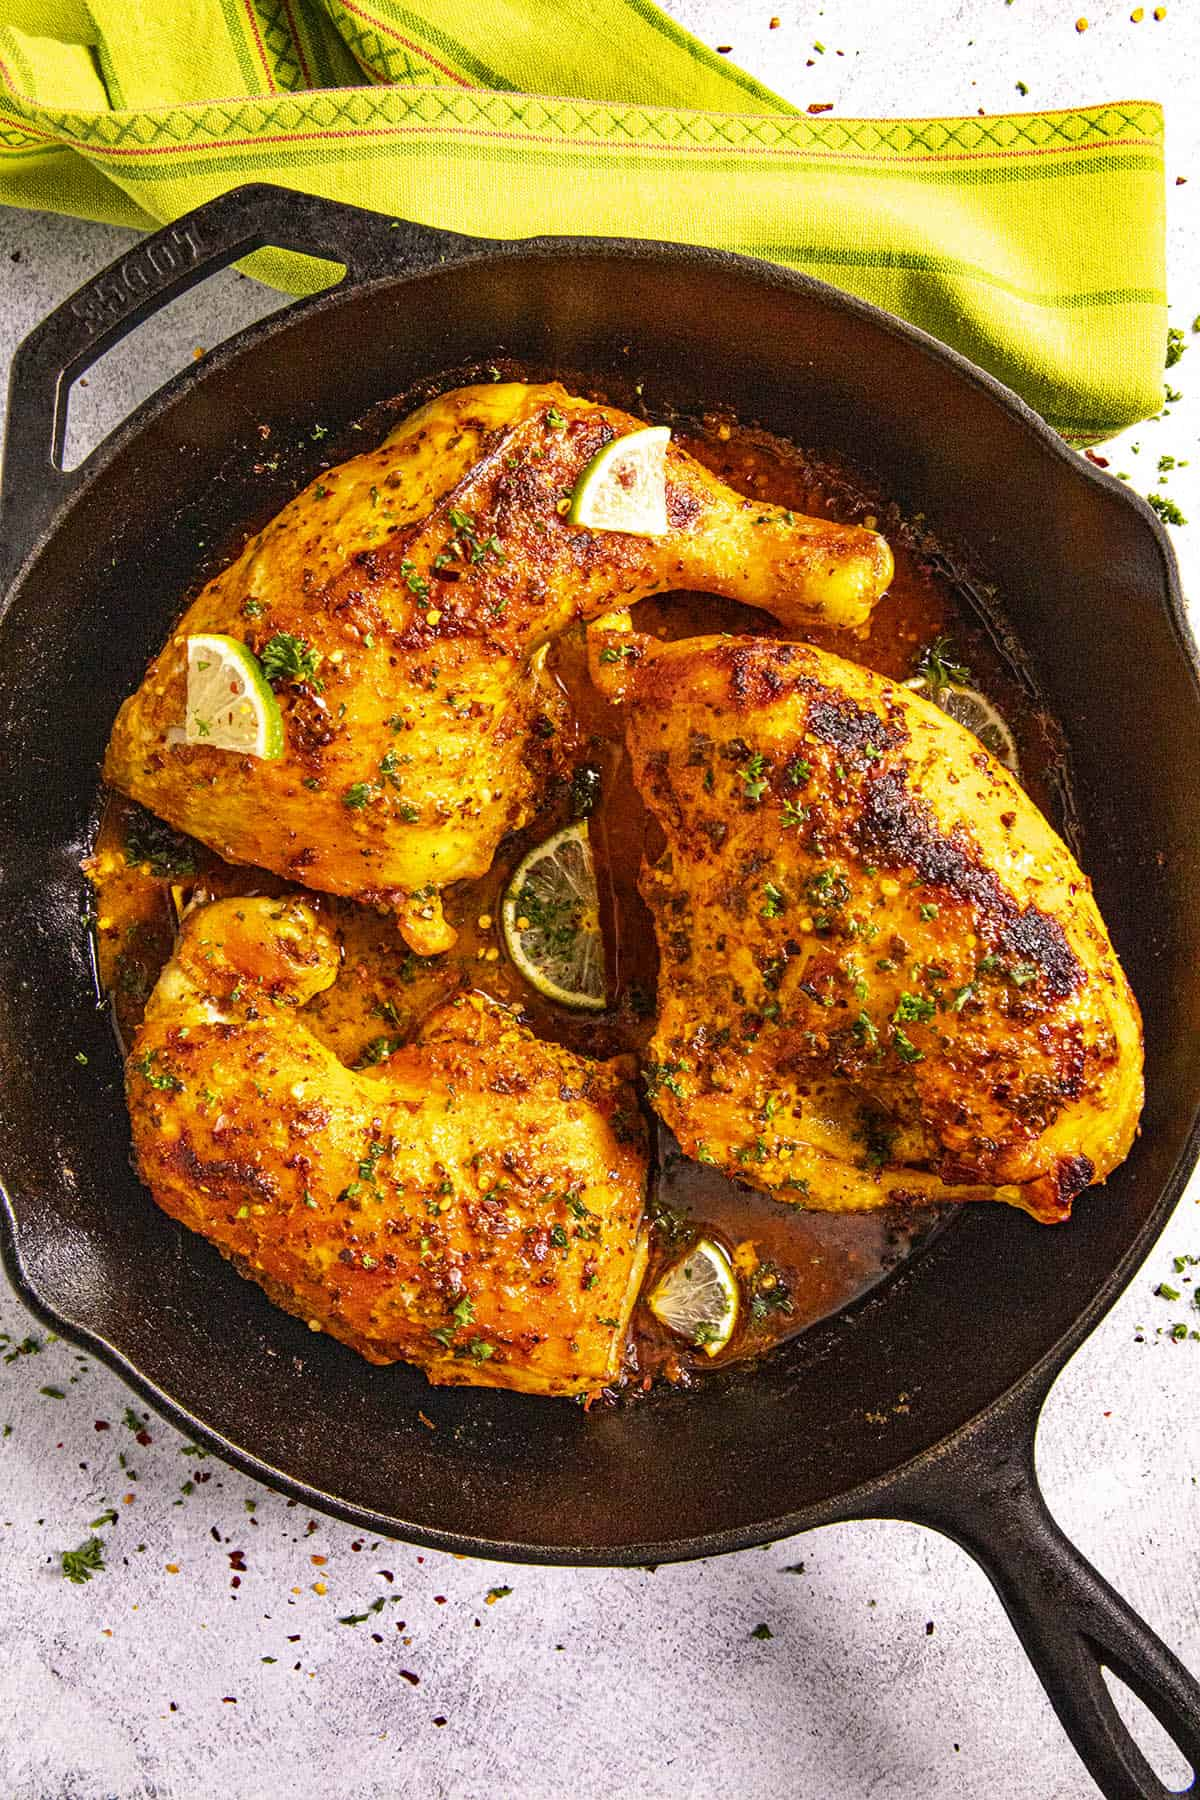 Pollo Asado (Mexican roast chicken) ready to serve